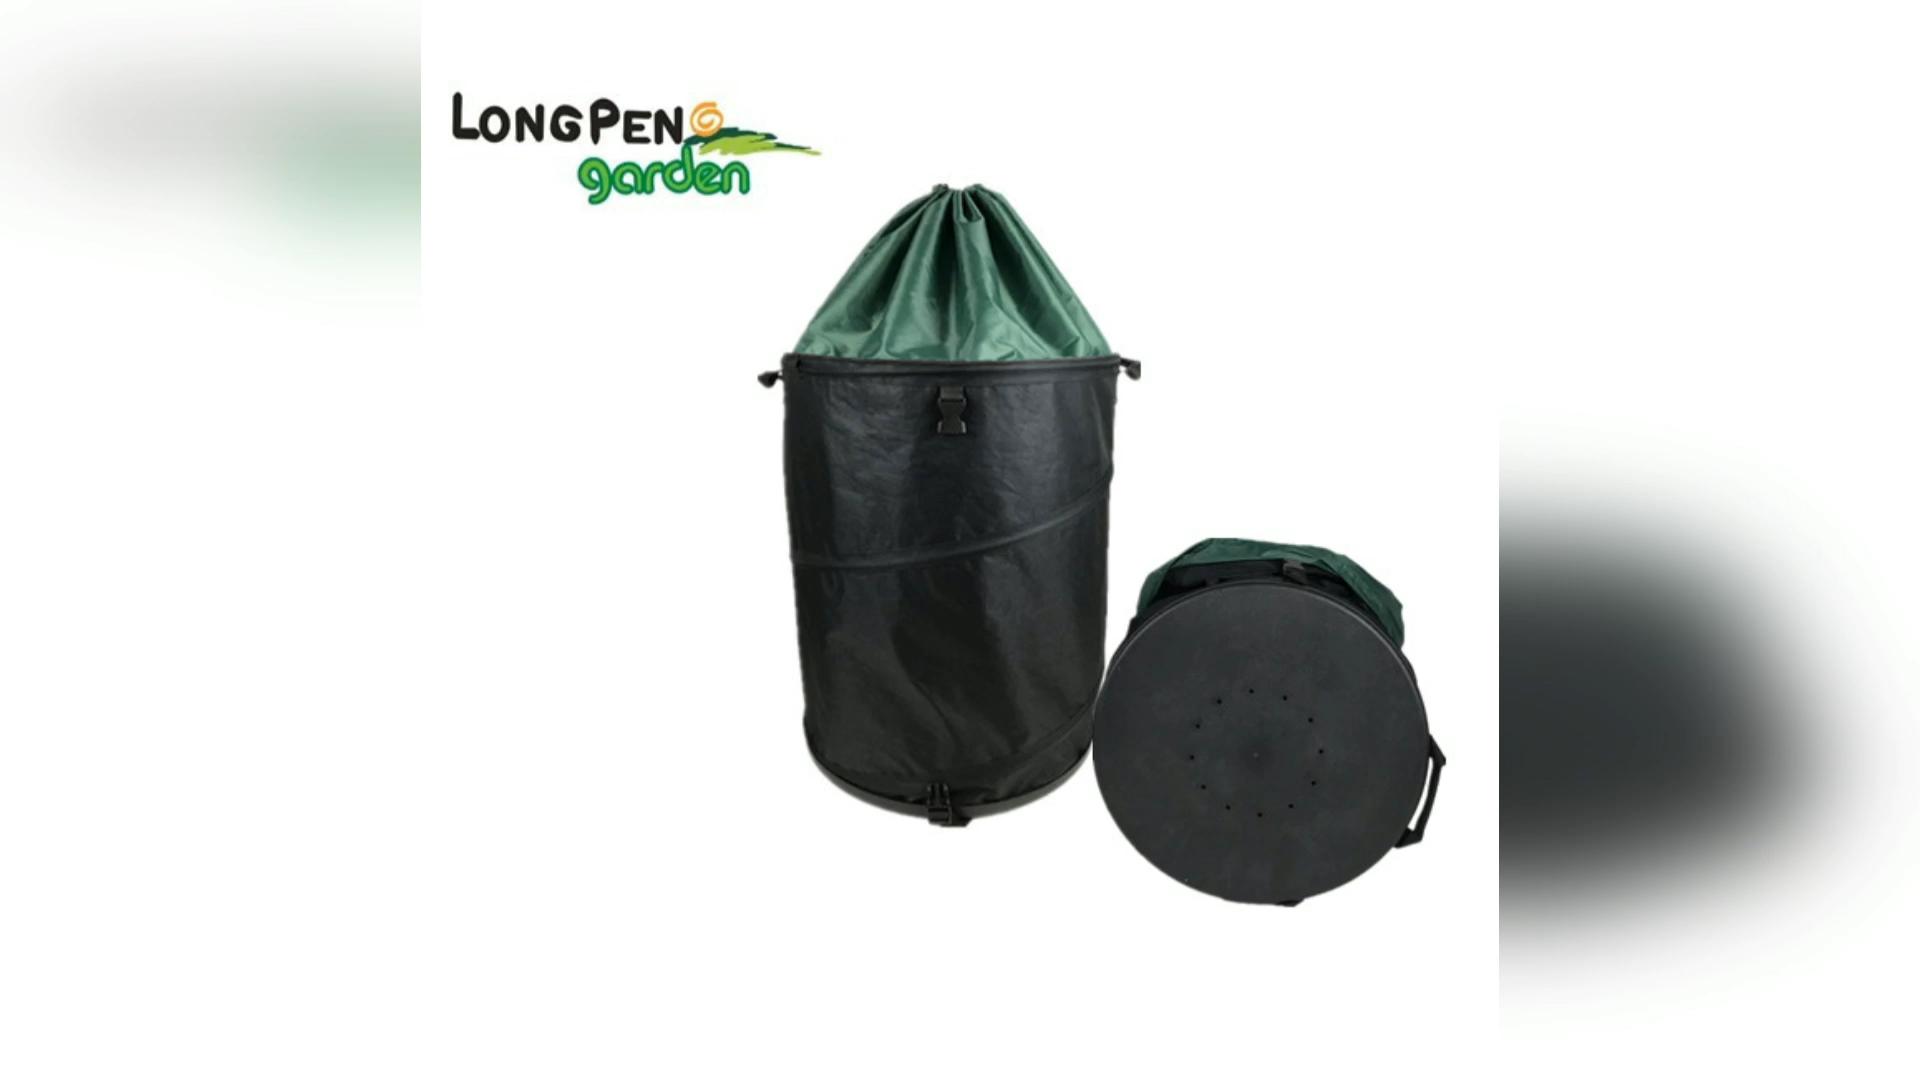 पॉप-अप टमाटर के पौधे रक्षा विकास में तेजी लाने के लिए एक मिनी उद्यान ग्रीनहाउस के रूप में कार्य करता है, पॉप अप गार्डन बैग